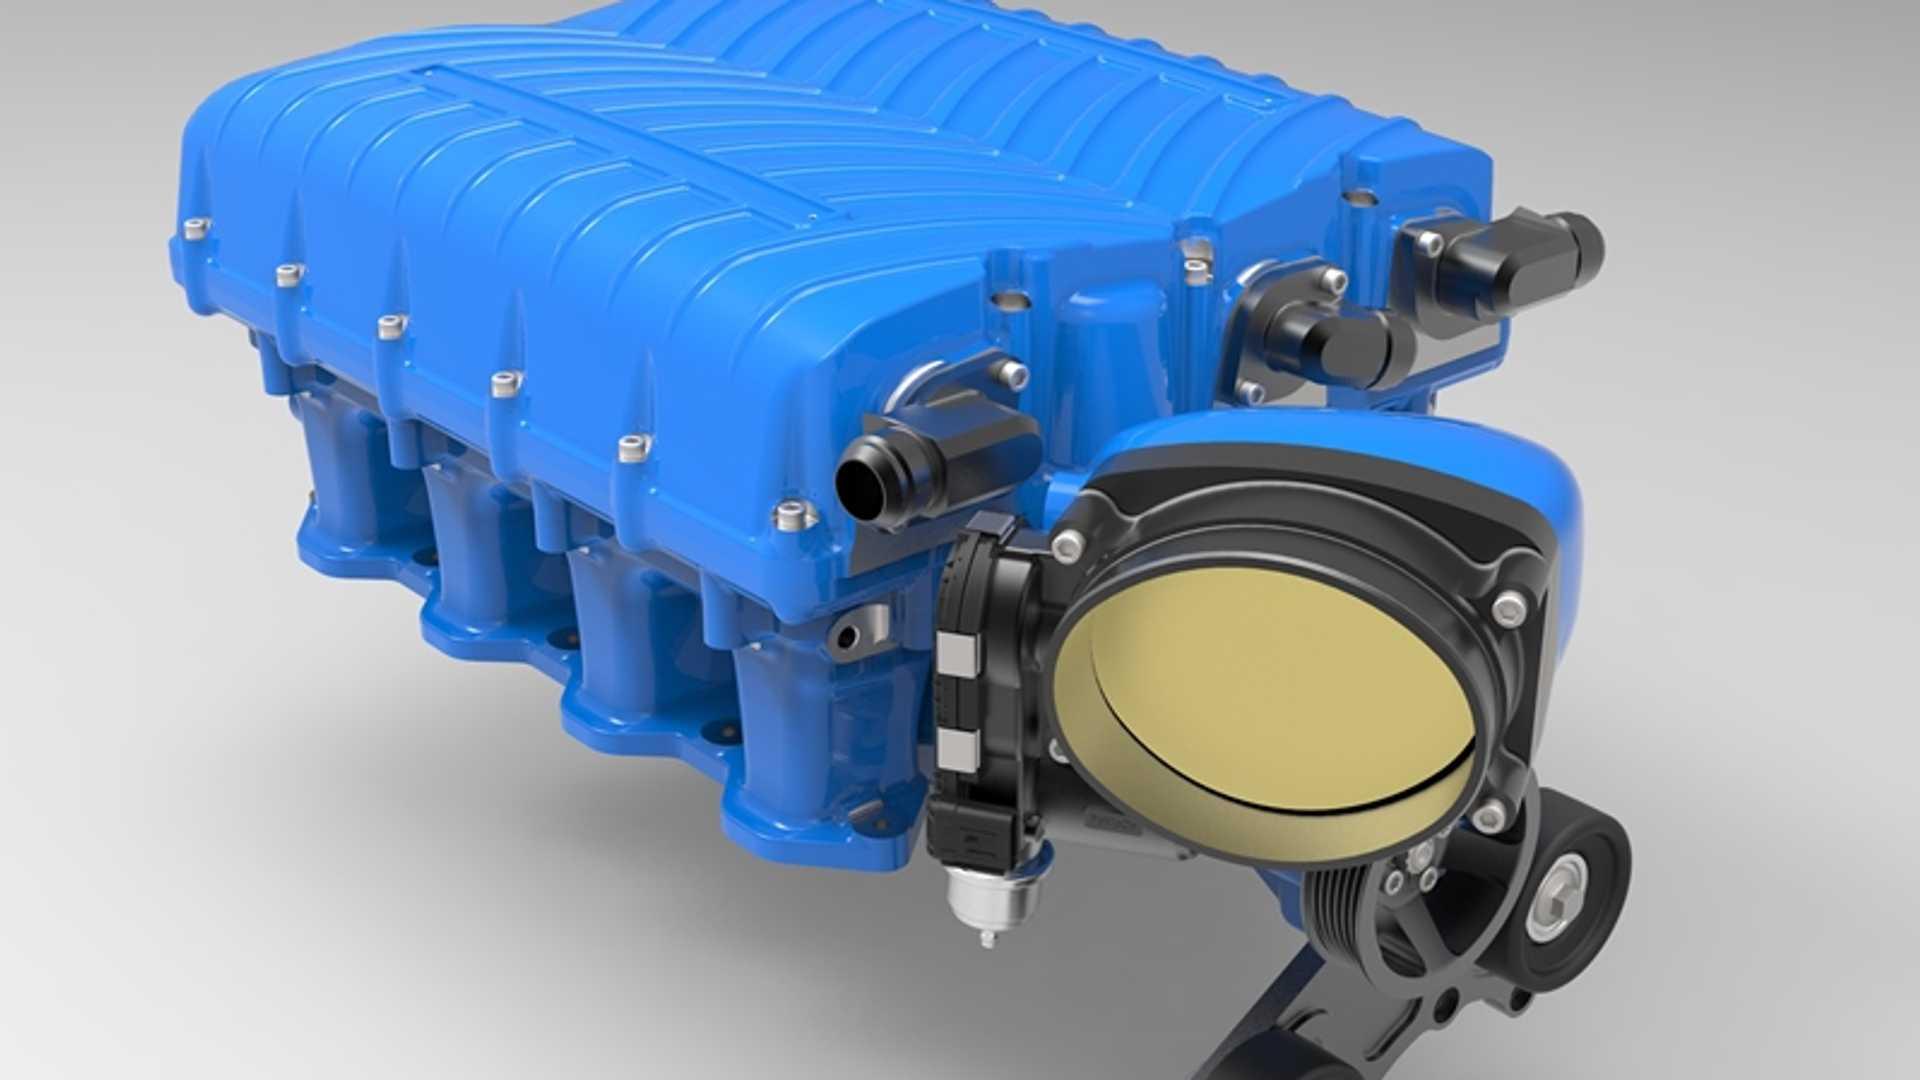 Whipple_supercharger_Ford_V8_0001